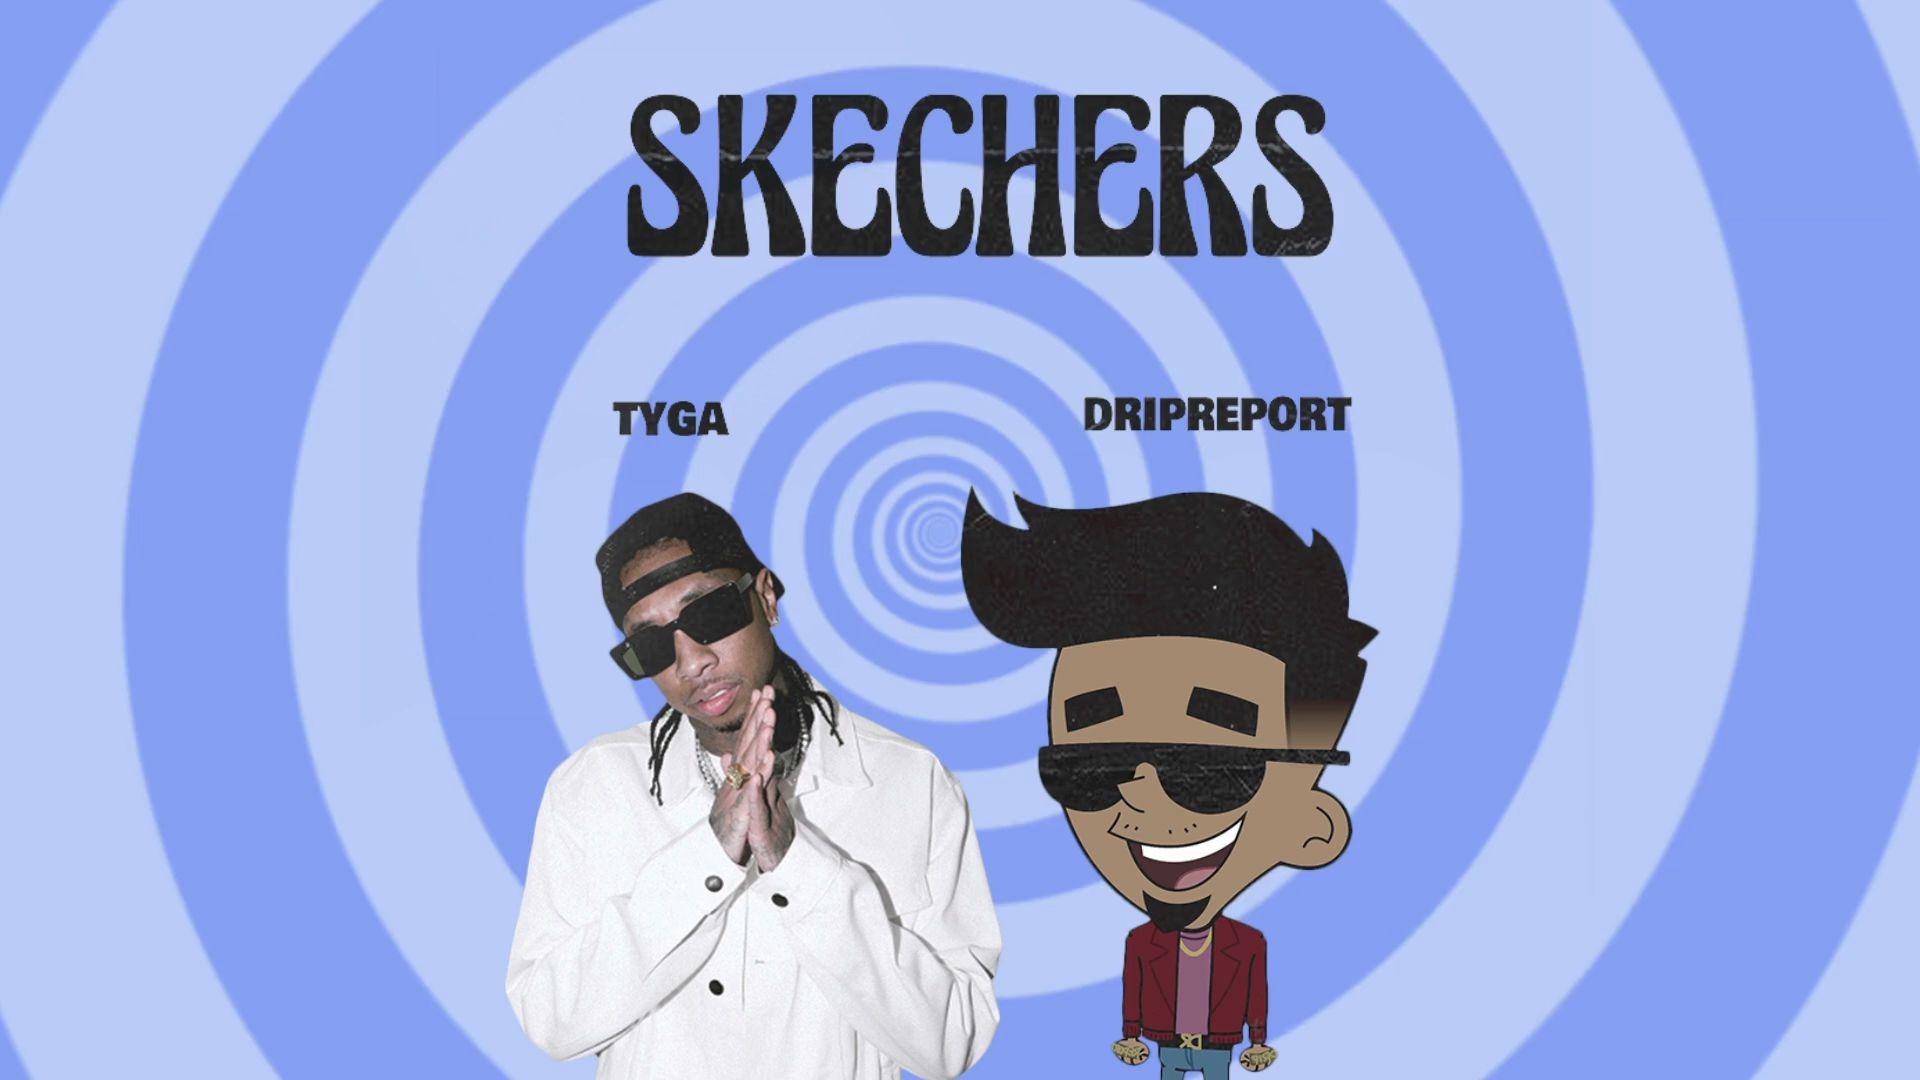 [中] DripReport - Skechers (feat. Tyga) Remix_嗶哩嗶哩 (゜-゜)つロ 干杯~-bilibili